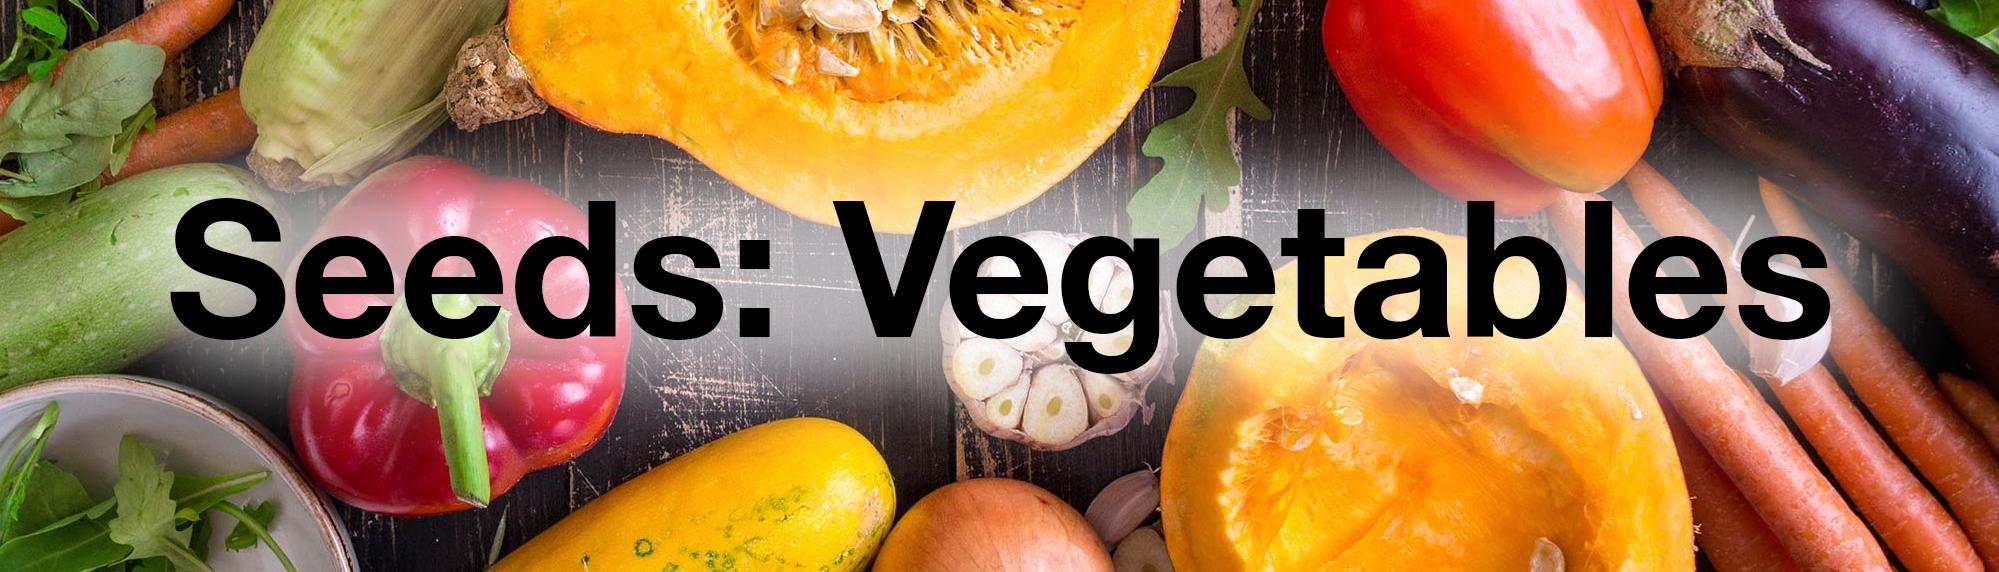 vegetables-banner.jpg